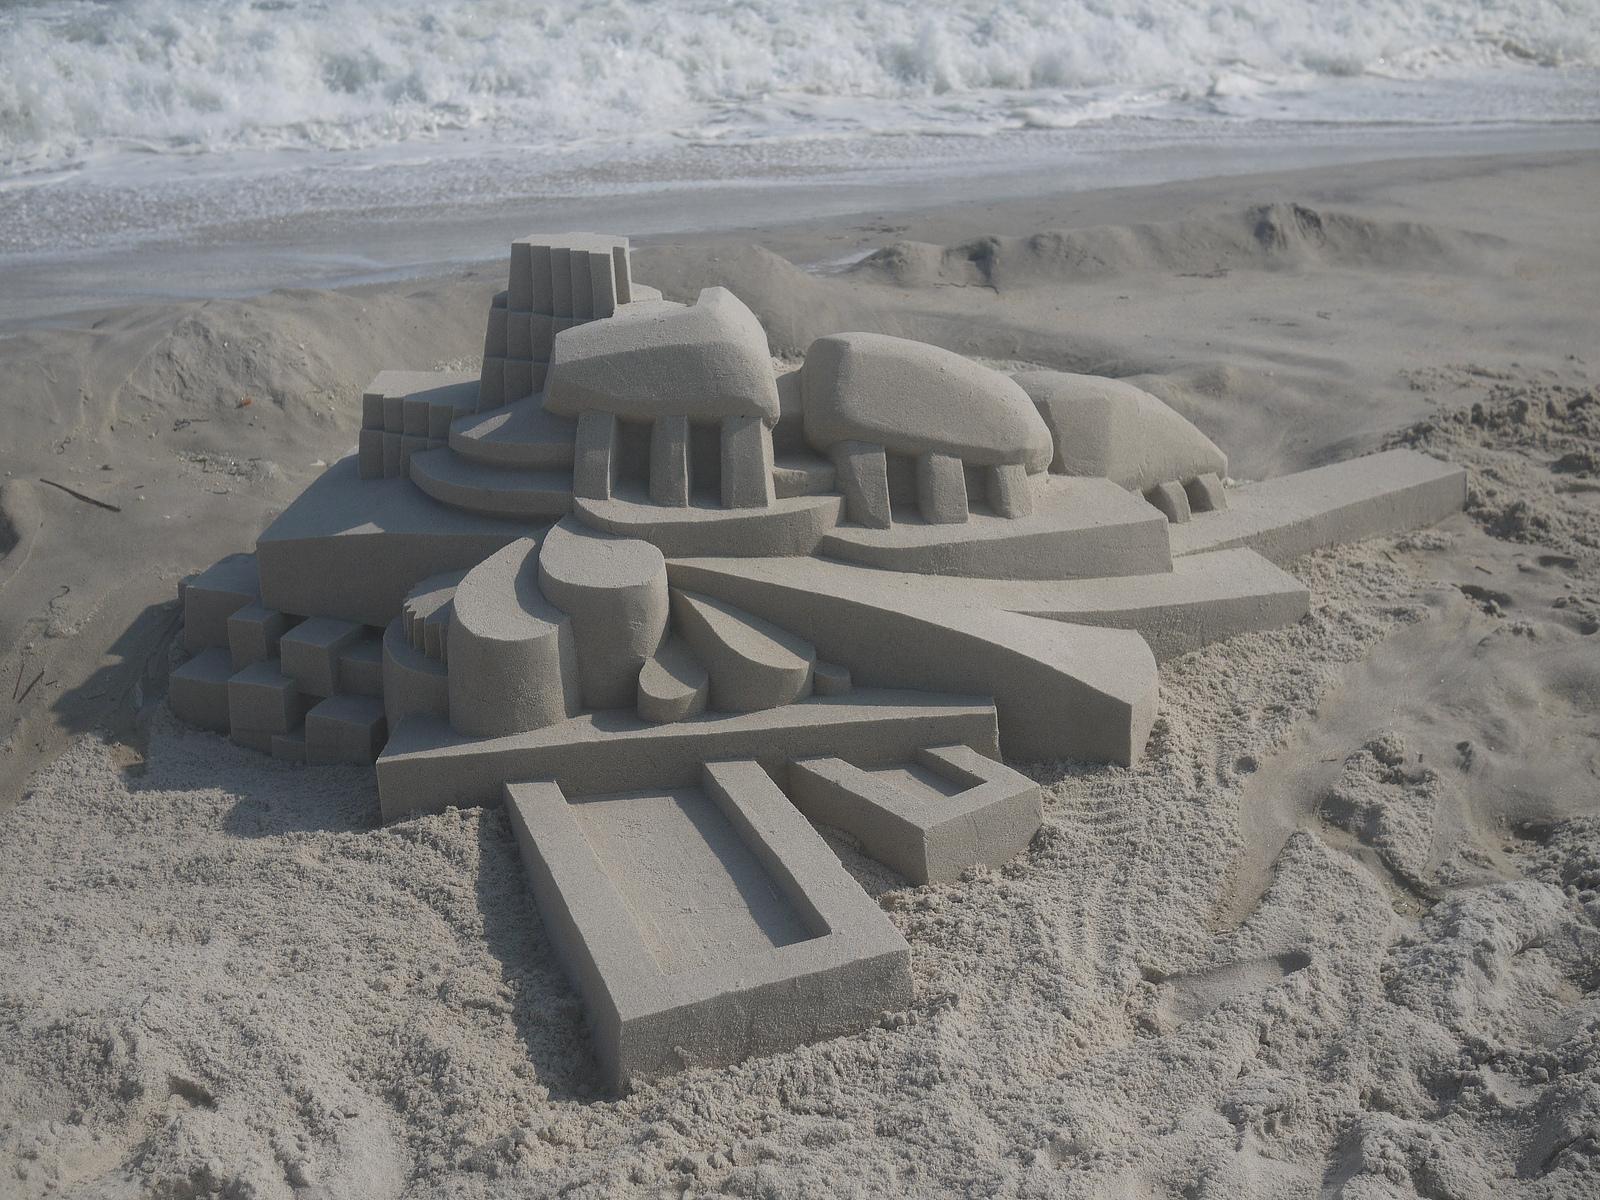 sand-castles-calvin-seibert- 14